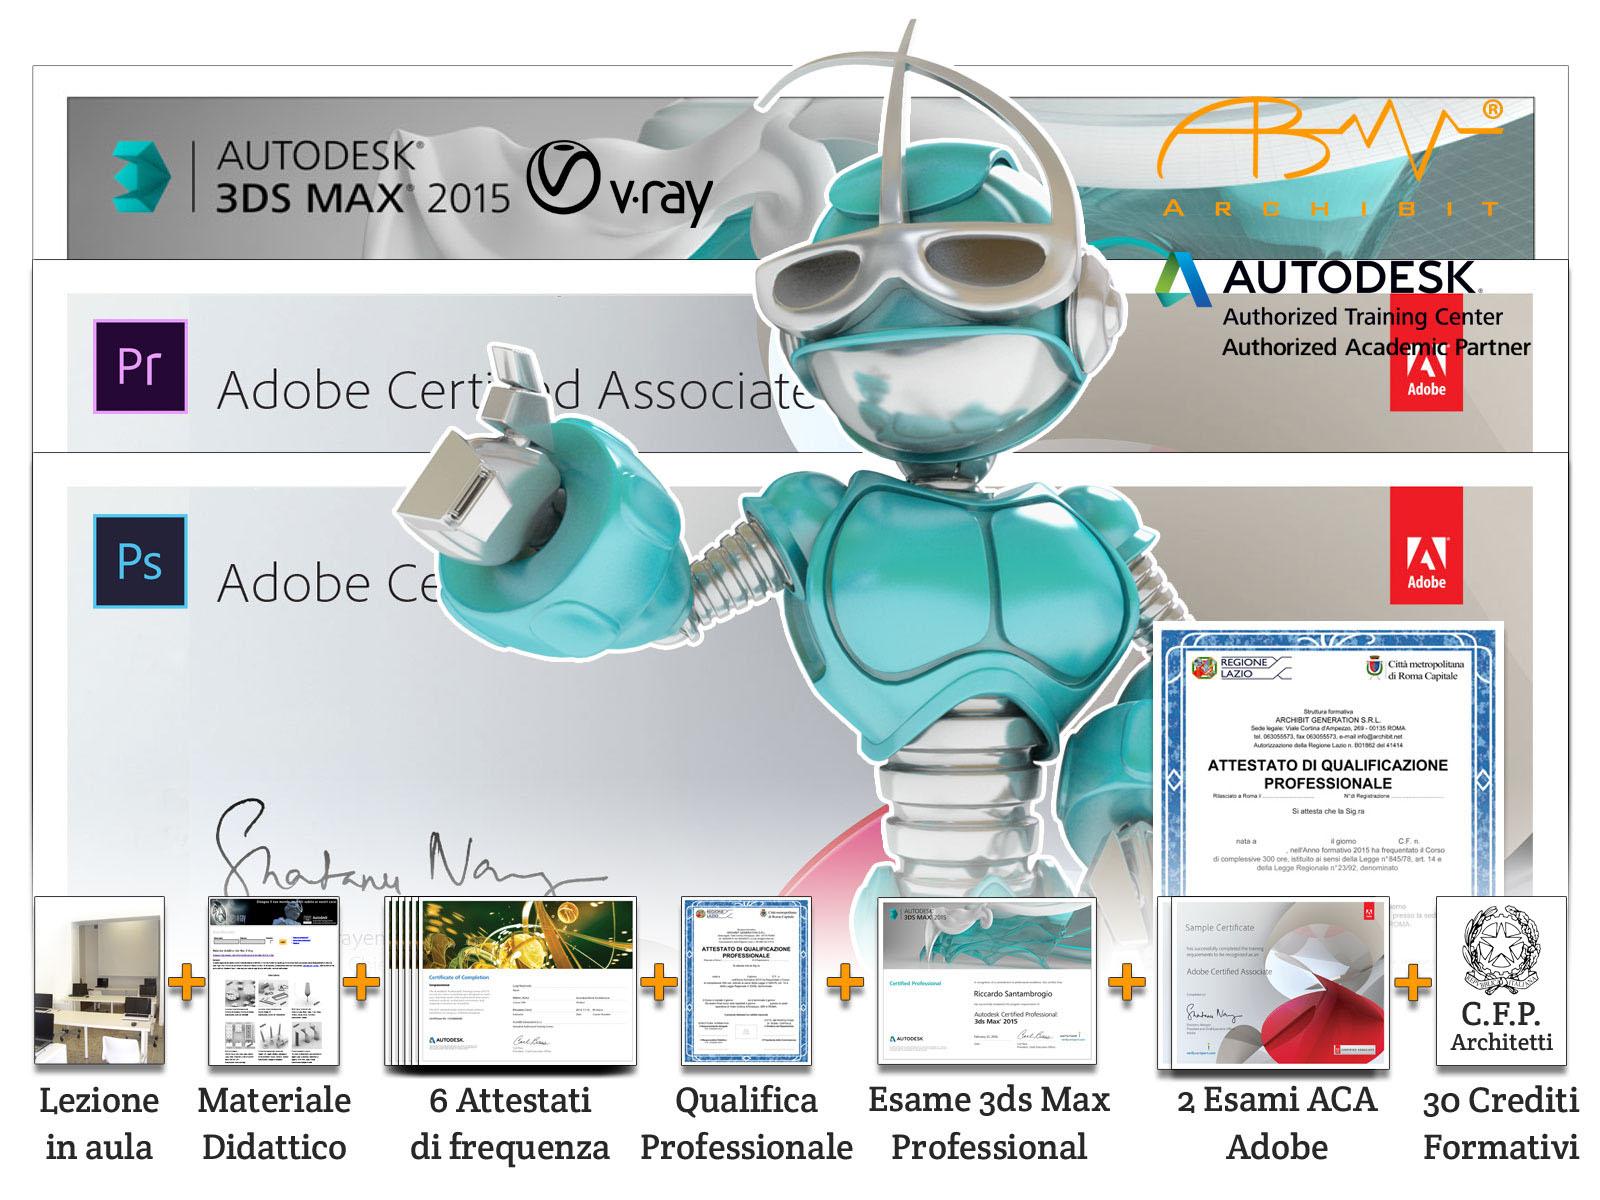 corso modellatore animatore 3d qualifica professionale grafico multimediale regione lazio certificazioni adobe ACA photoshop premiere autodesk professional 3ds max archibit corsi roma